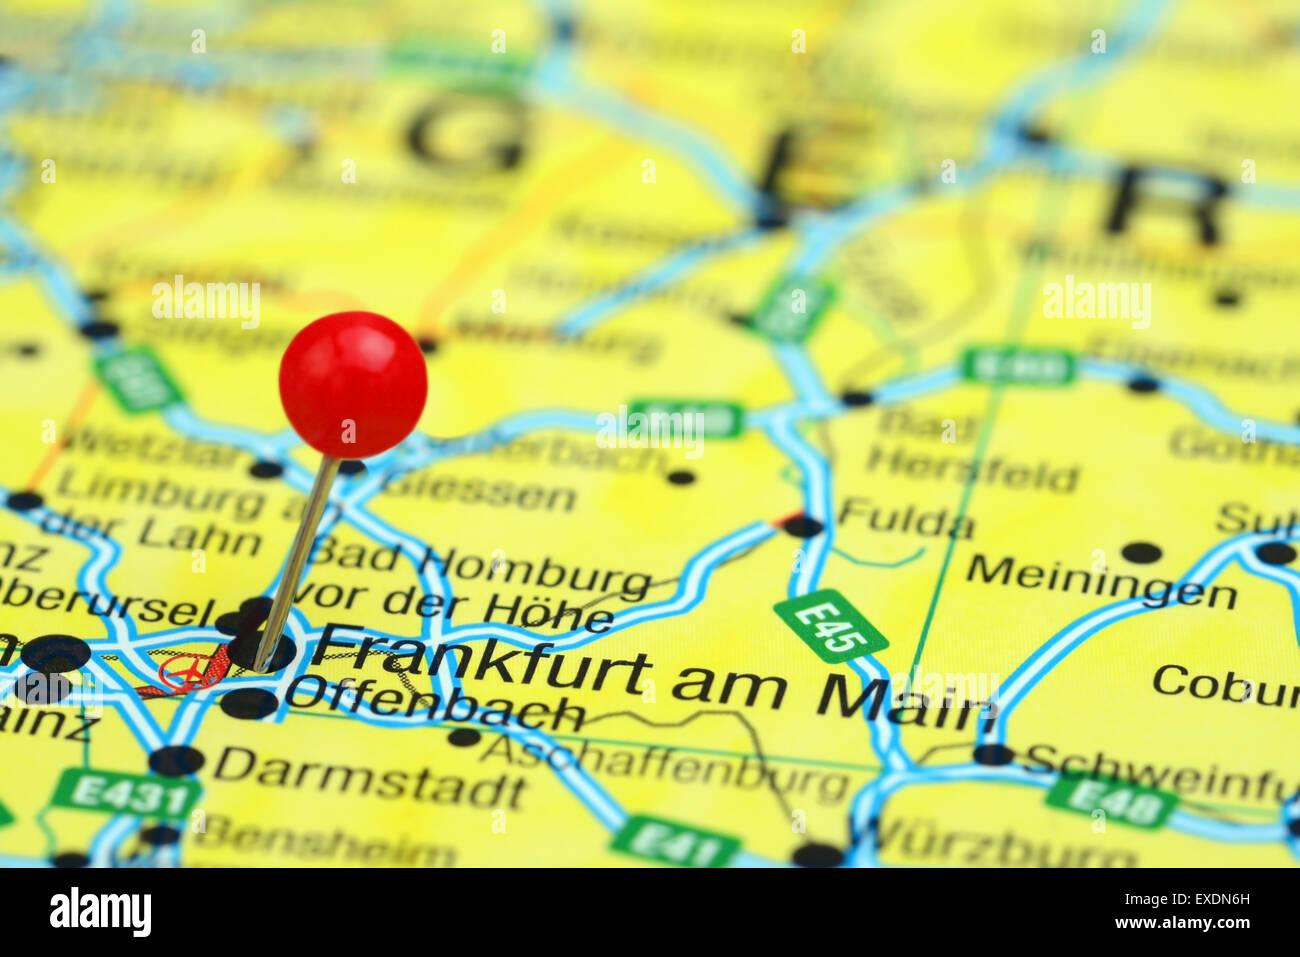 Frankfurt Karte Europa.Frankfurt Am Main Merken Auf Einer Karte Von Europa Stockfoto Bild